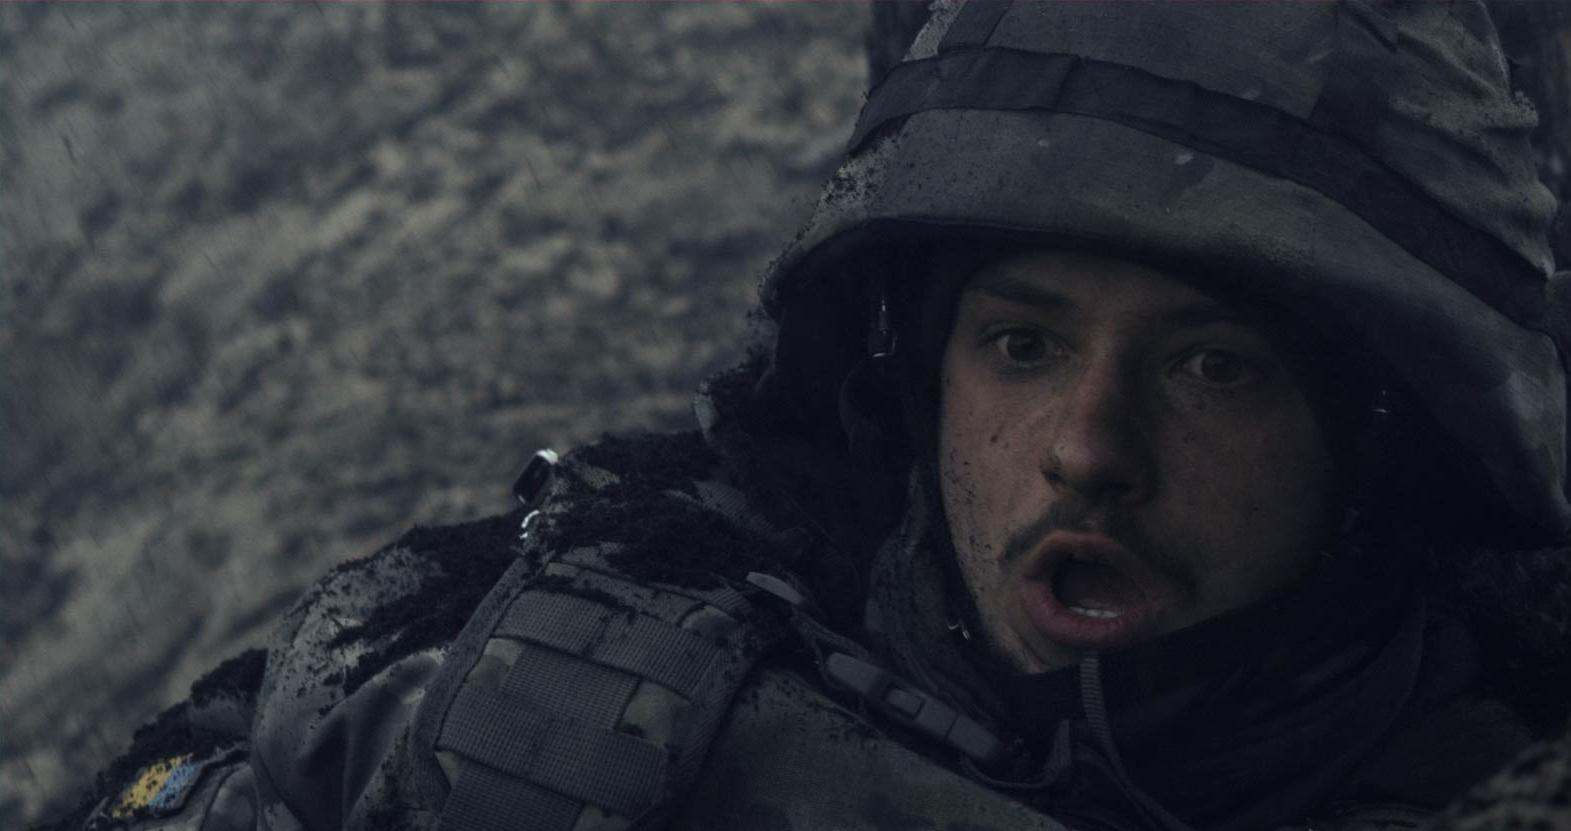 Кадр из фильма «Киборги», персонаж «Мажор»